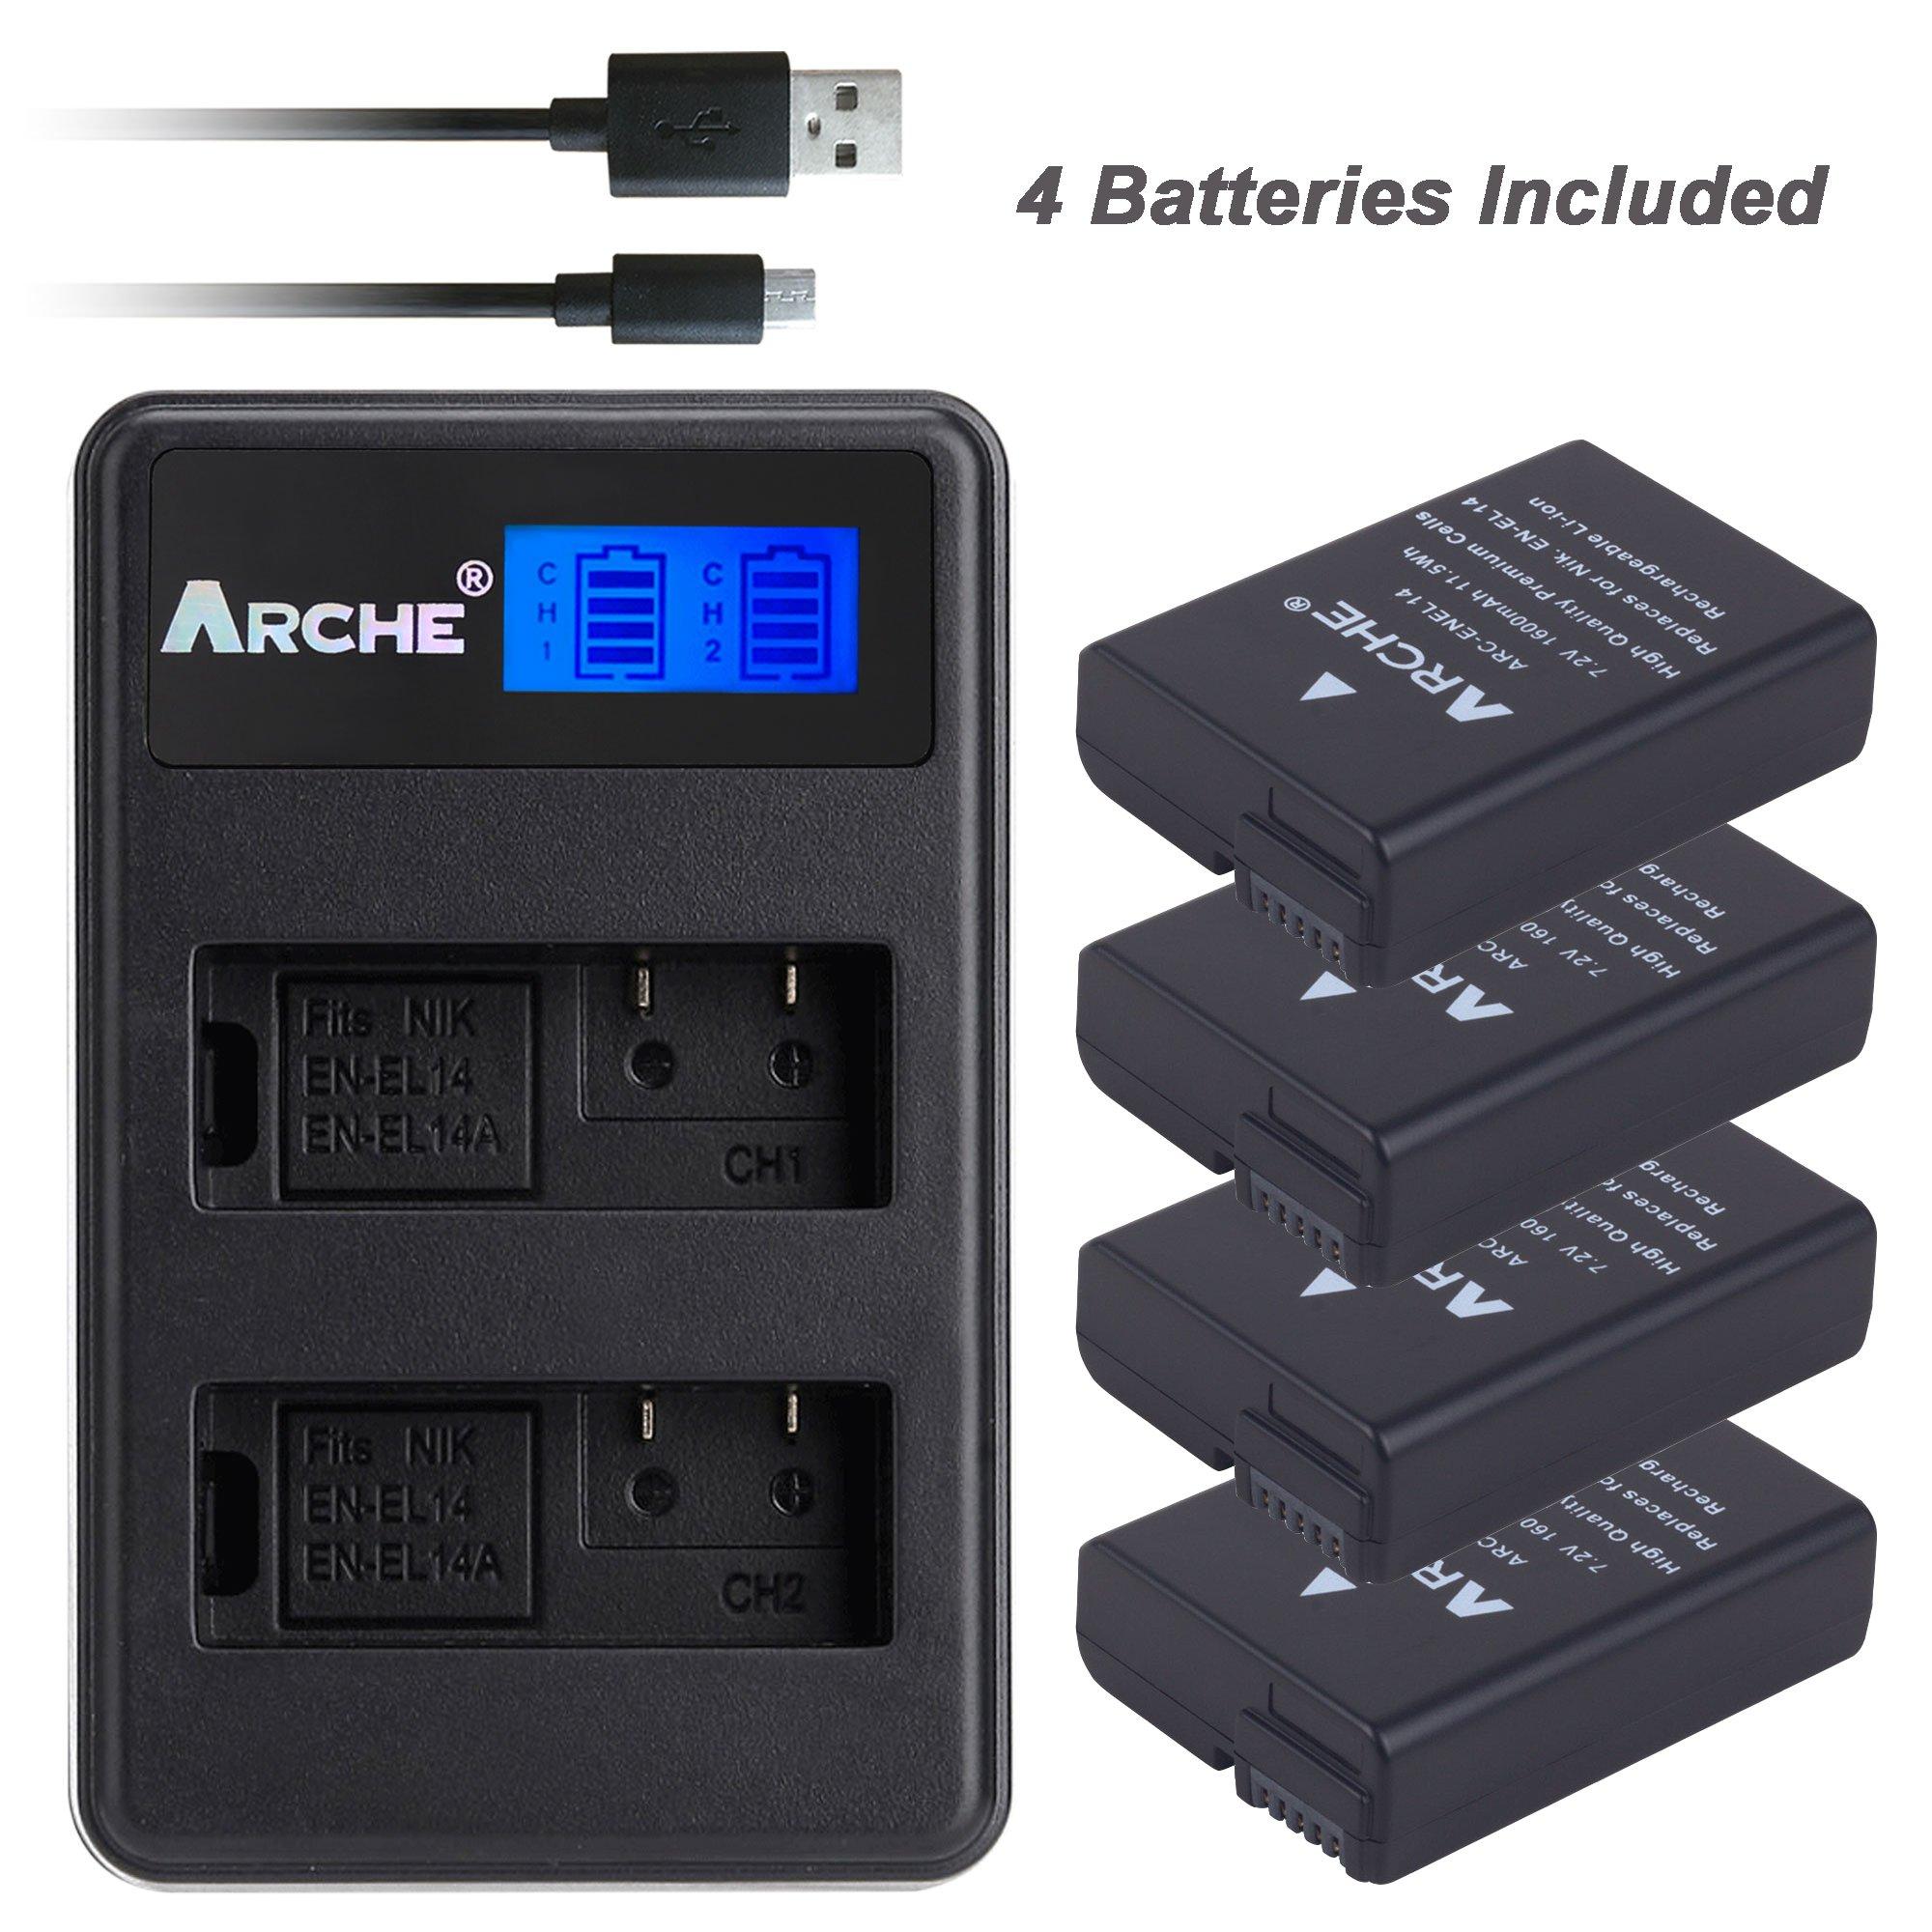 ARCHE EN-EL14 EN-EL14A <4 Pack> Battery and LCD Dual Charger Kit for [Nikon MH-24 D3100 D3200 D3300 D3400 D5100 D5200 D5300 D5500 D5600 Coolpix P7000 Coolpix P7100 Coolpix P7700 Coolpix P7800 Df DSL]